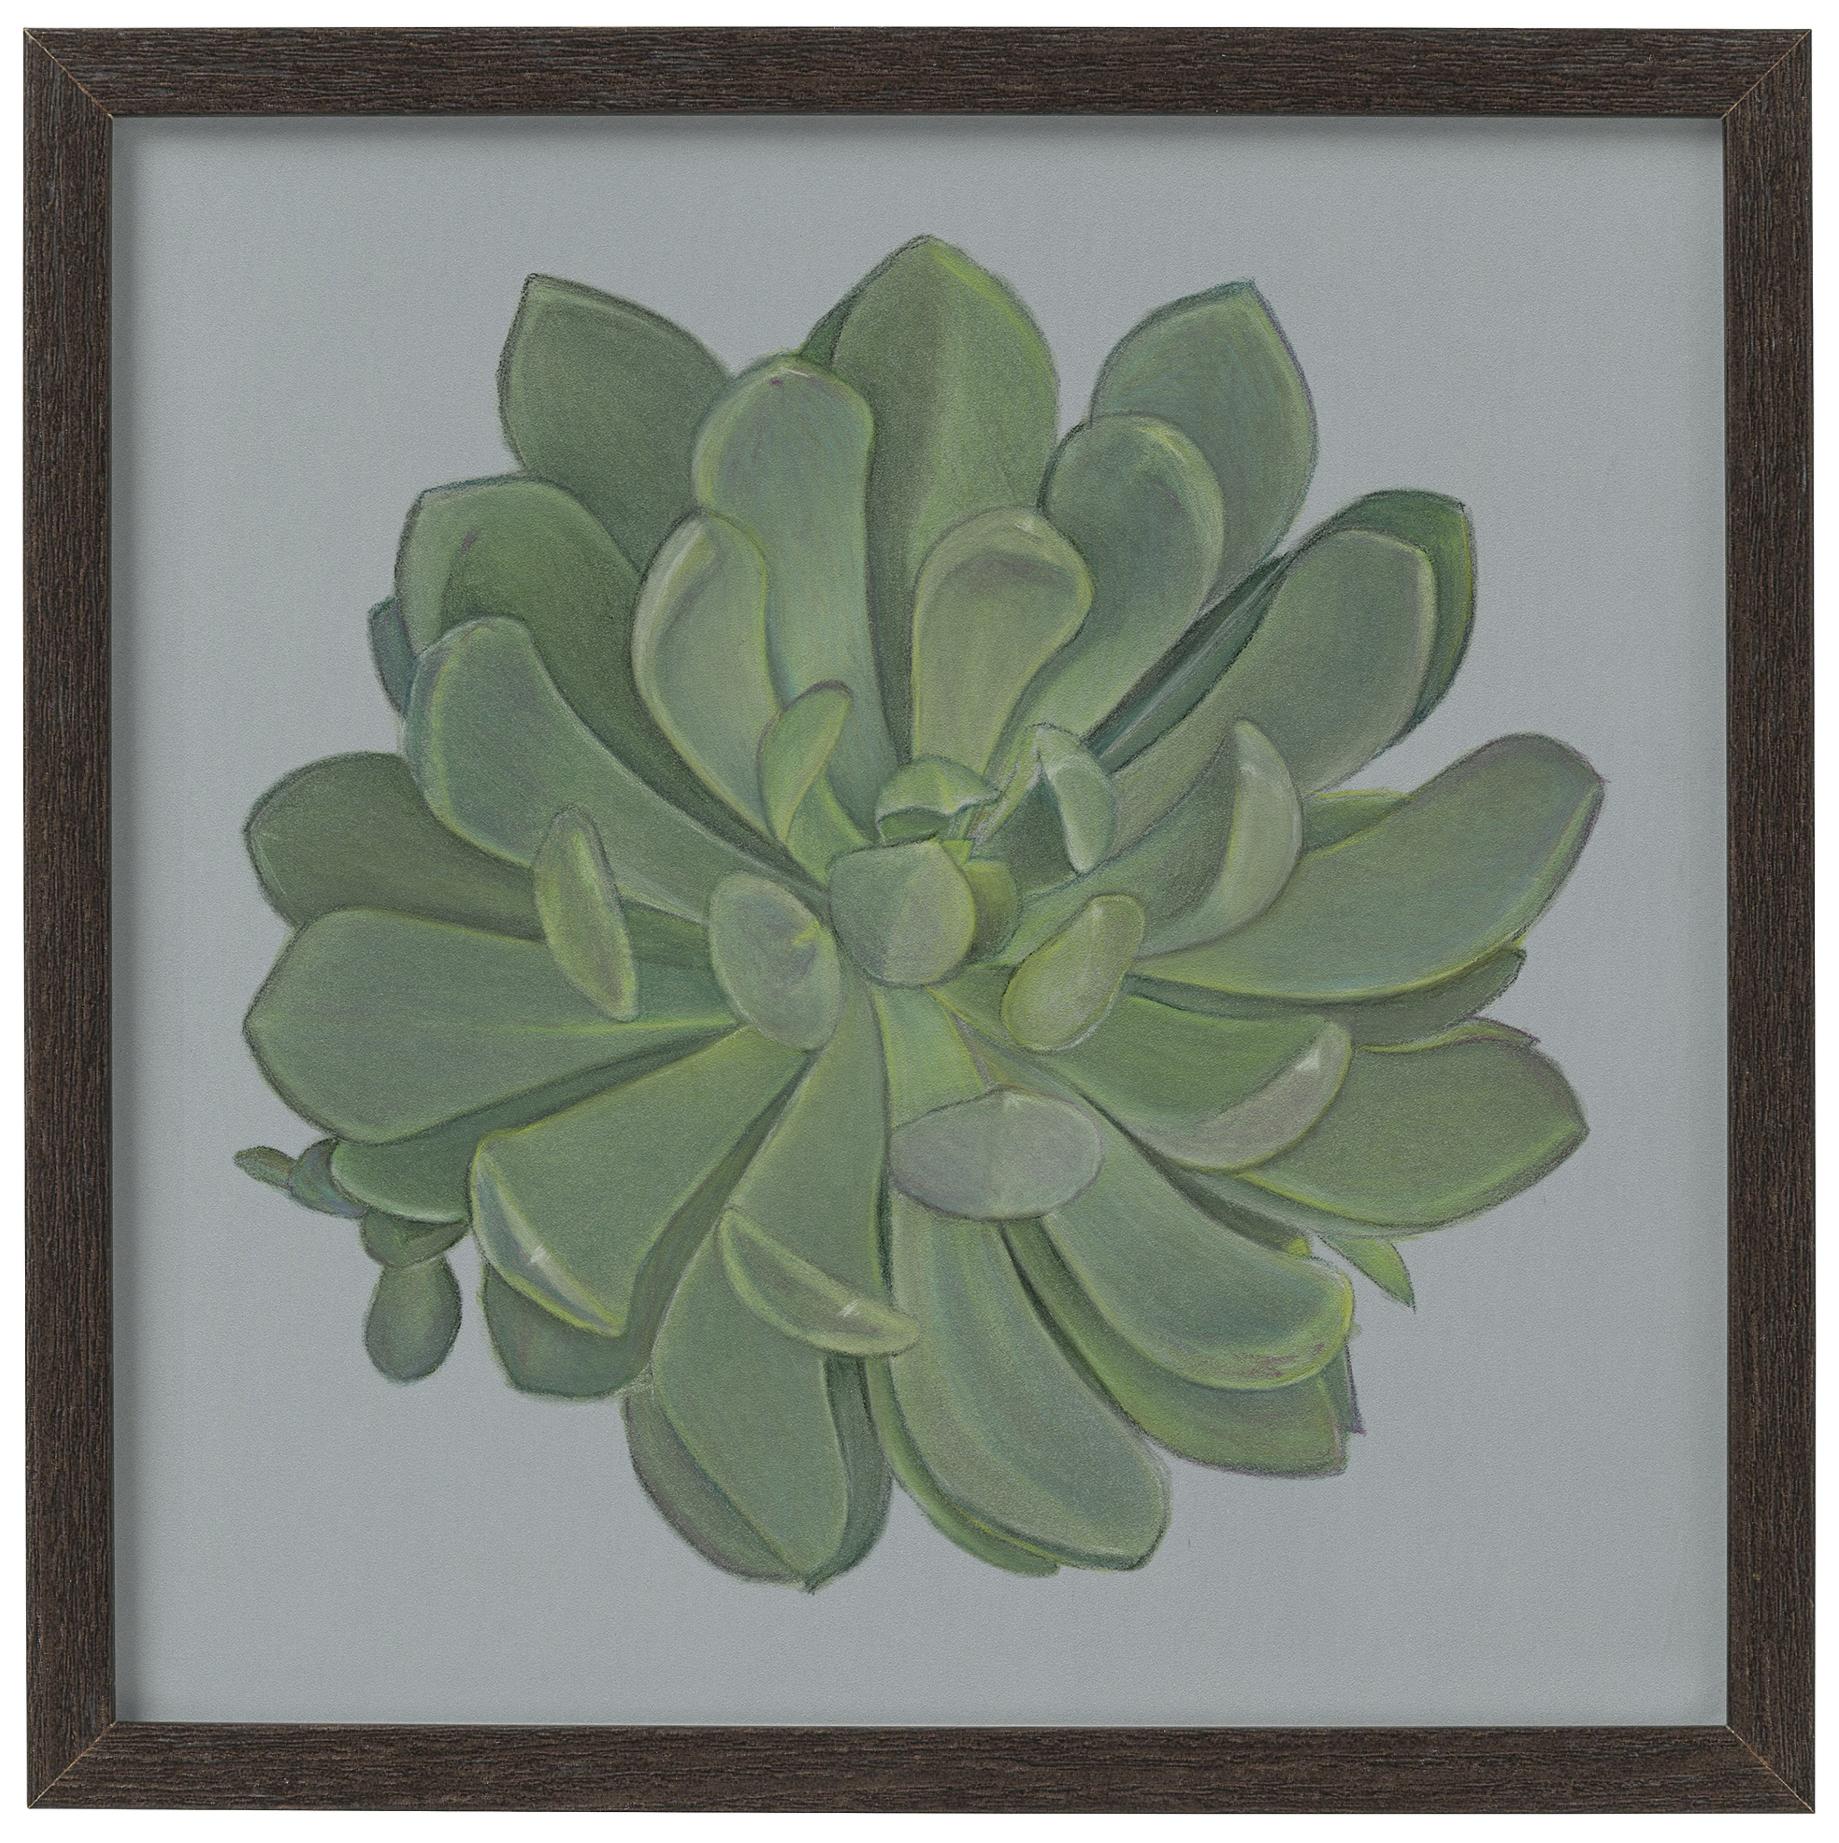 Echeveria 1 – giclee print of a succulent